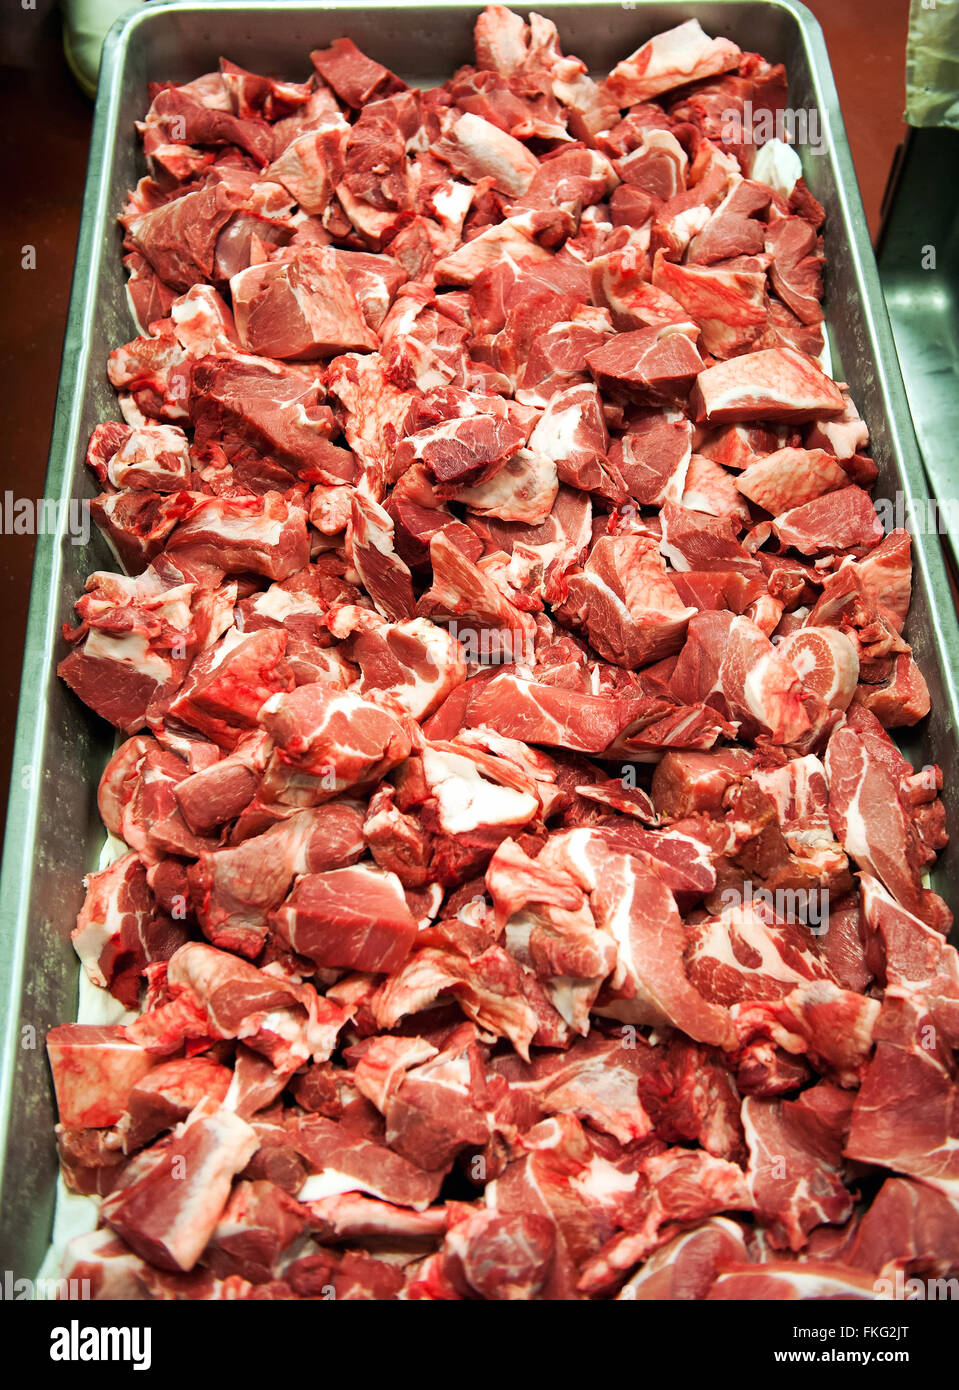 Vue en gros dans le plateau métallique remplie de dizaines de matières, côtelette de porc transformés Photo Stock